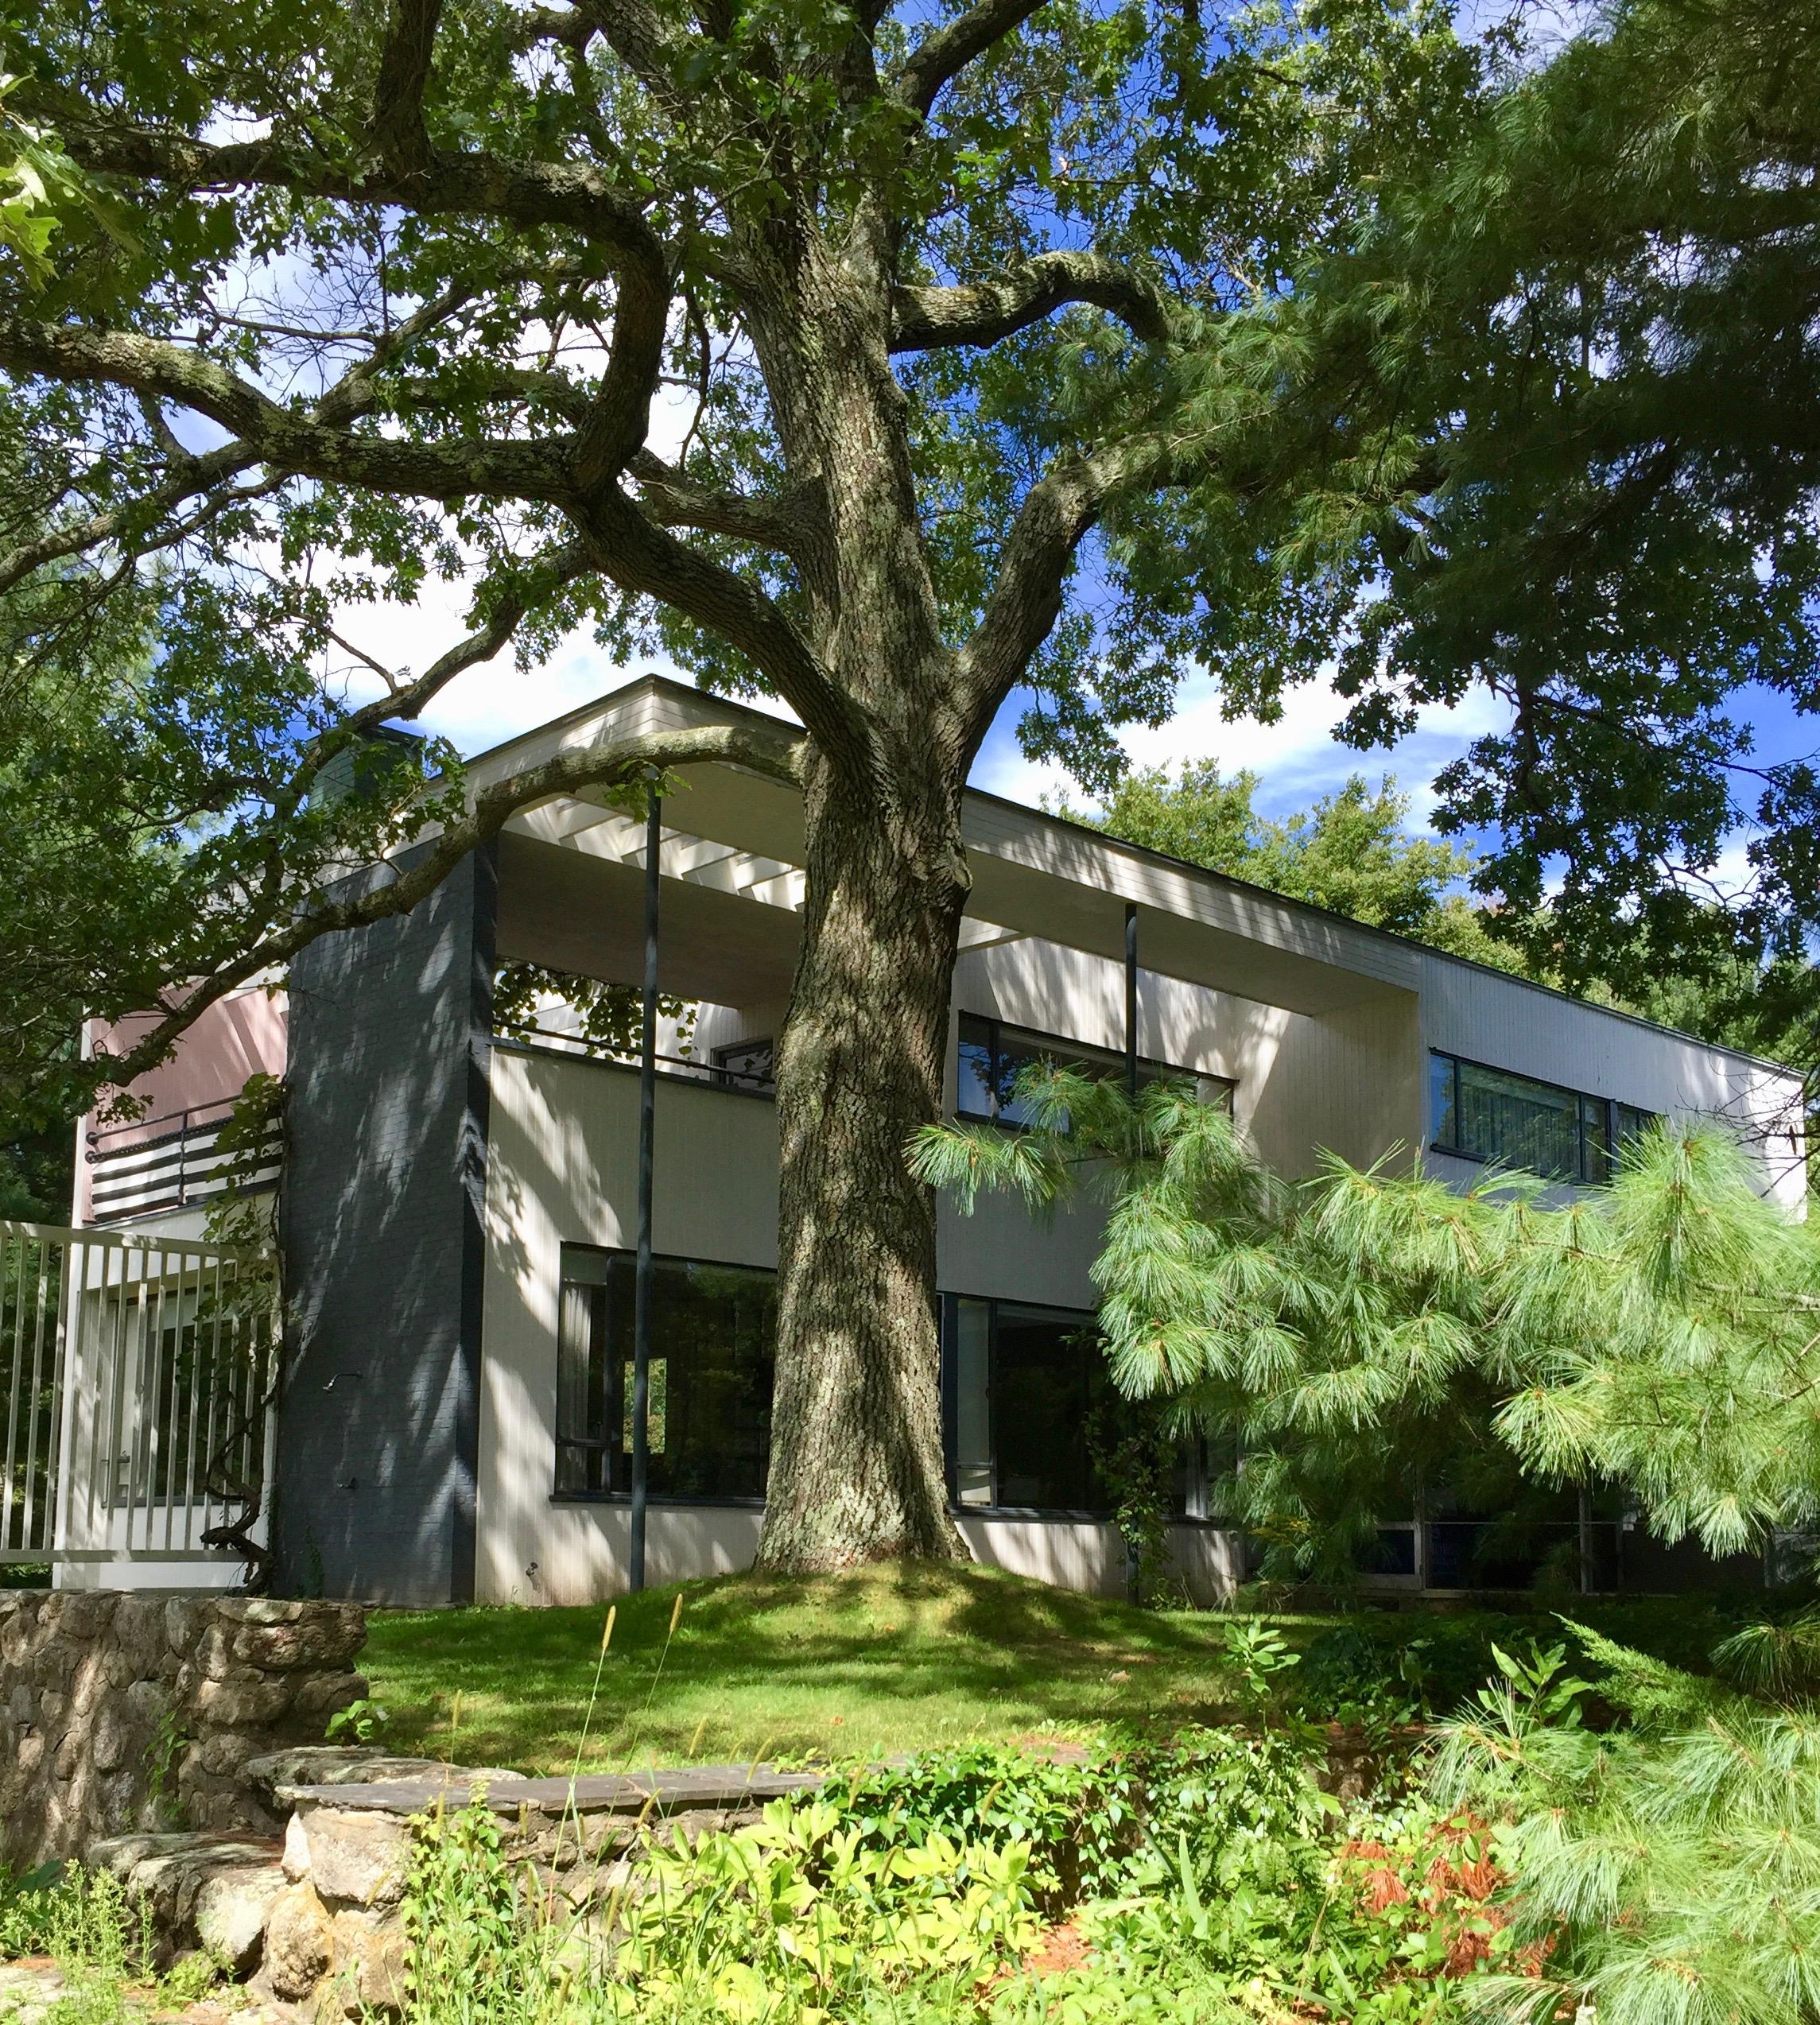 Gropius House an interior designer tours the gropius house lincoln massachusetts